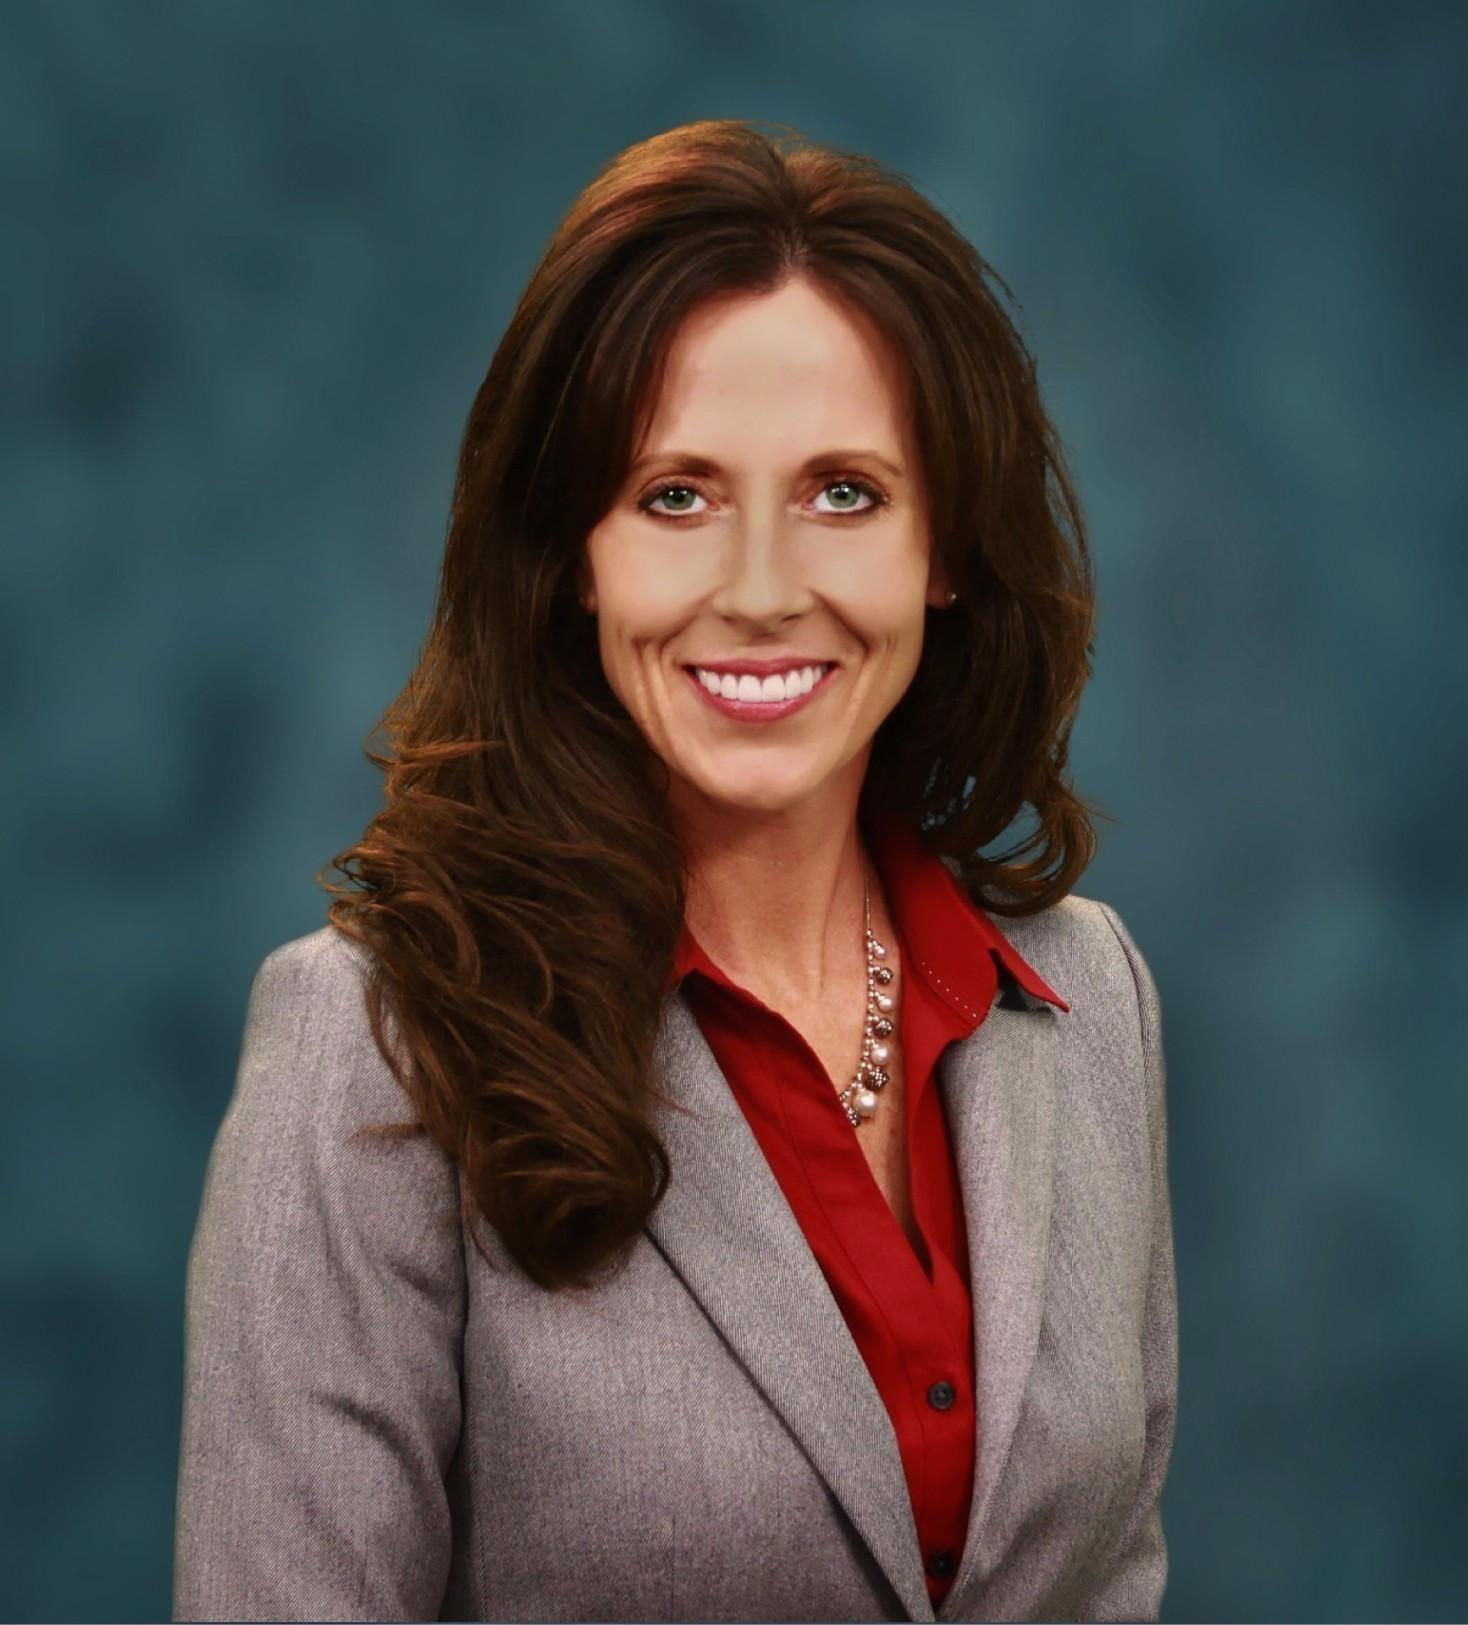 Stacy Keller Williams, Stacy Keller